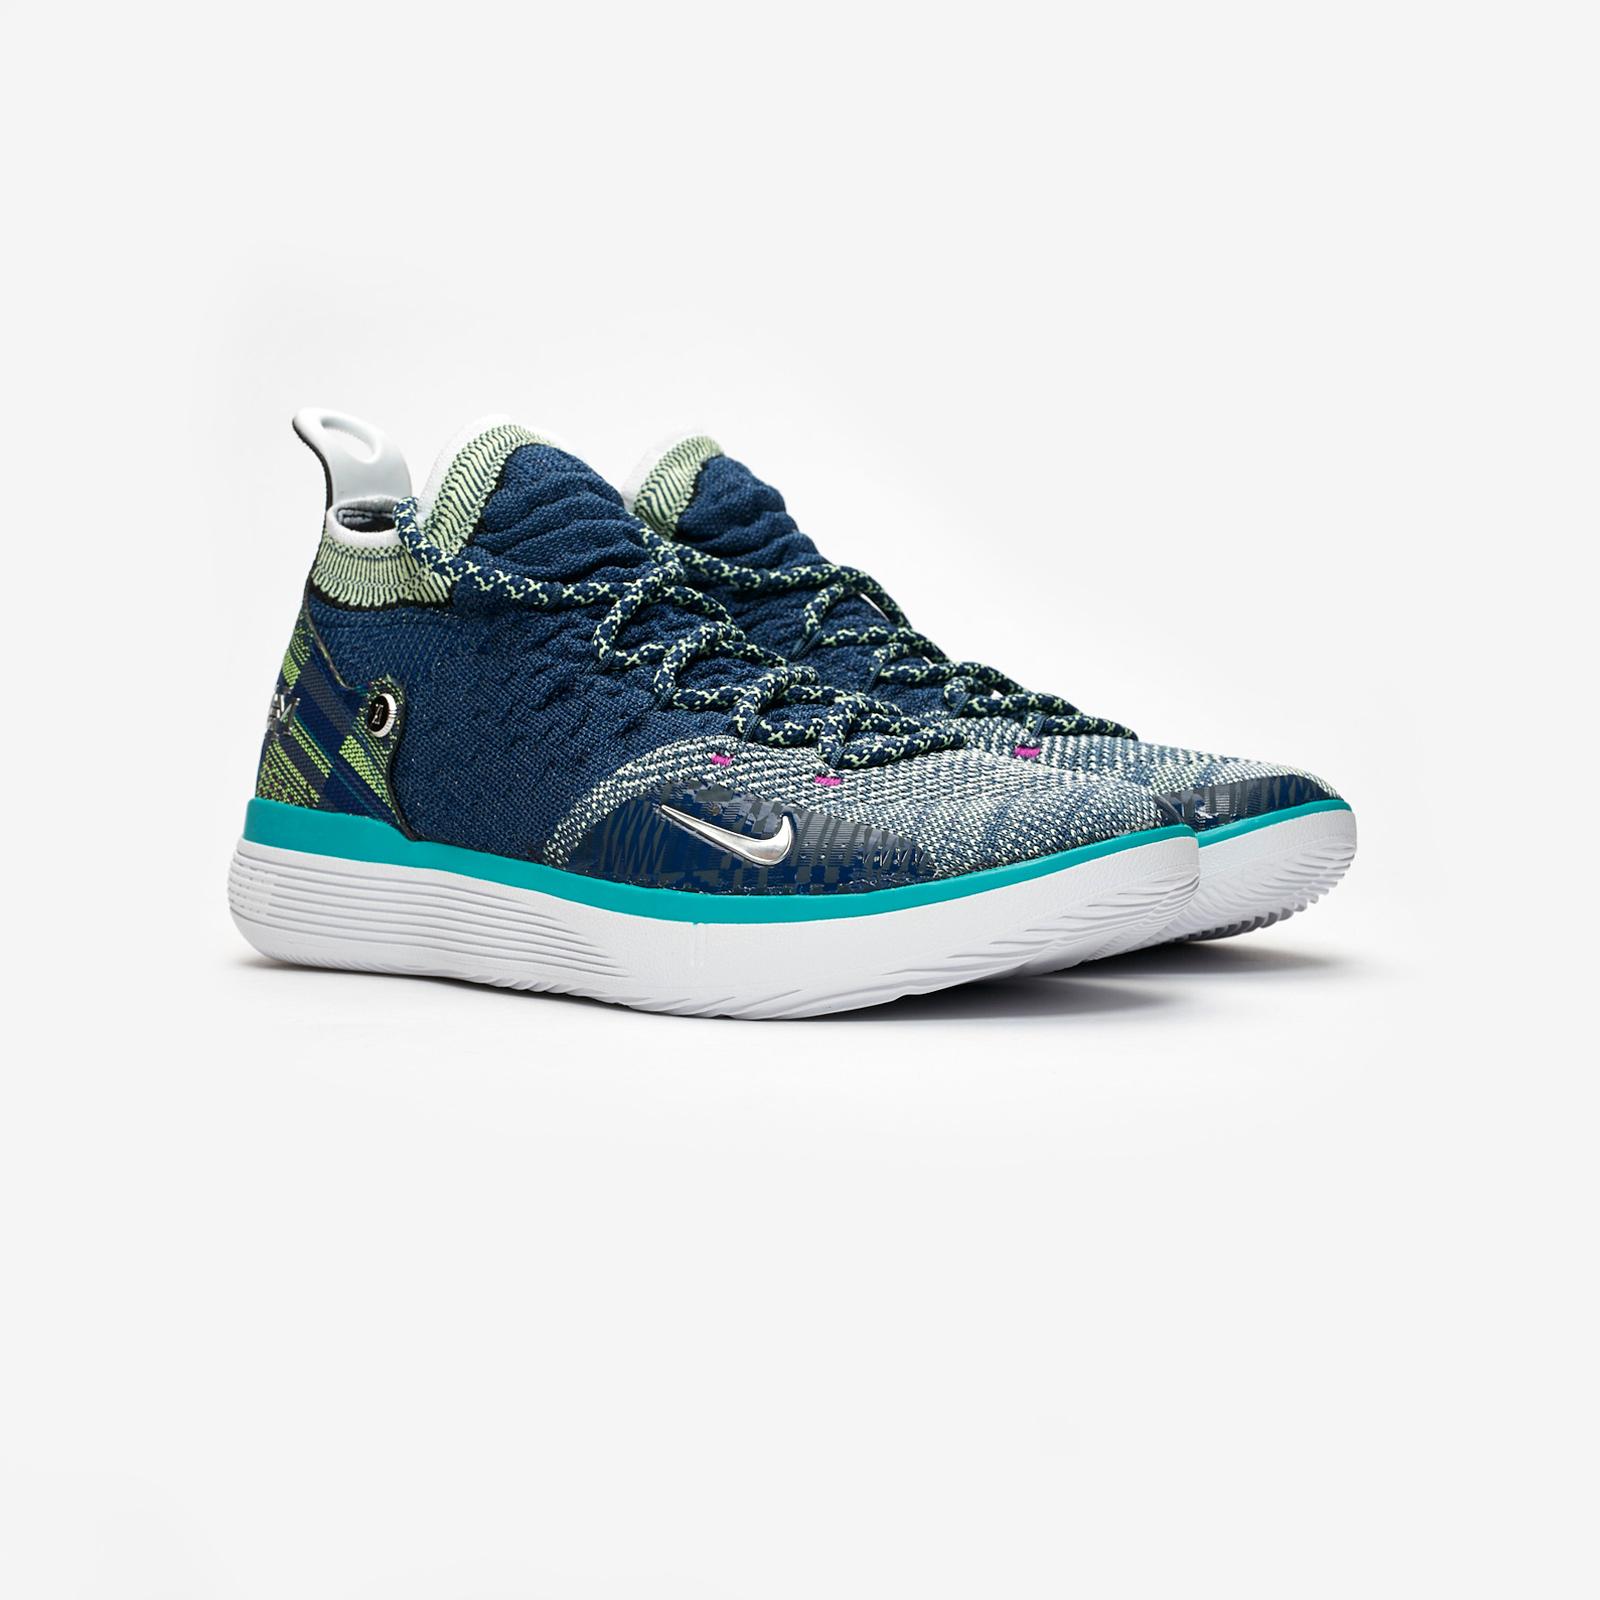 53ca4f837826 Nike Zoom KD11 BHM - Bq6245-400 - Sneakersnstuff